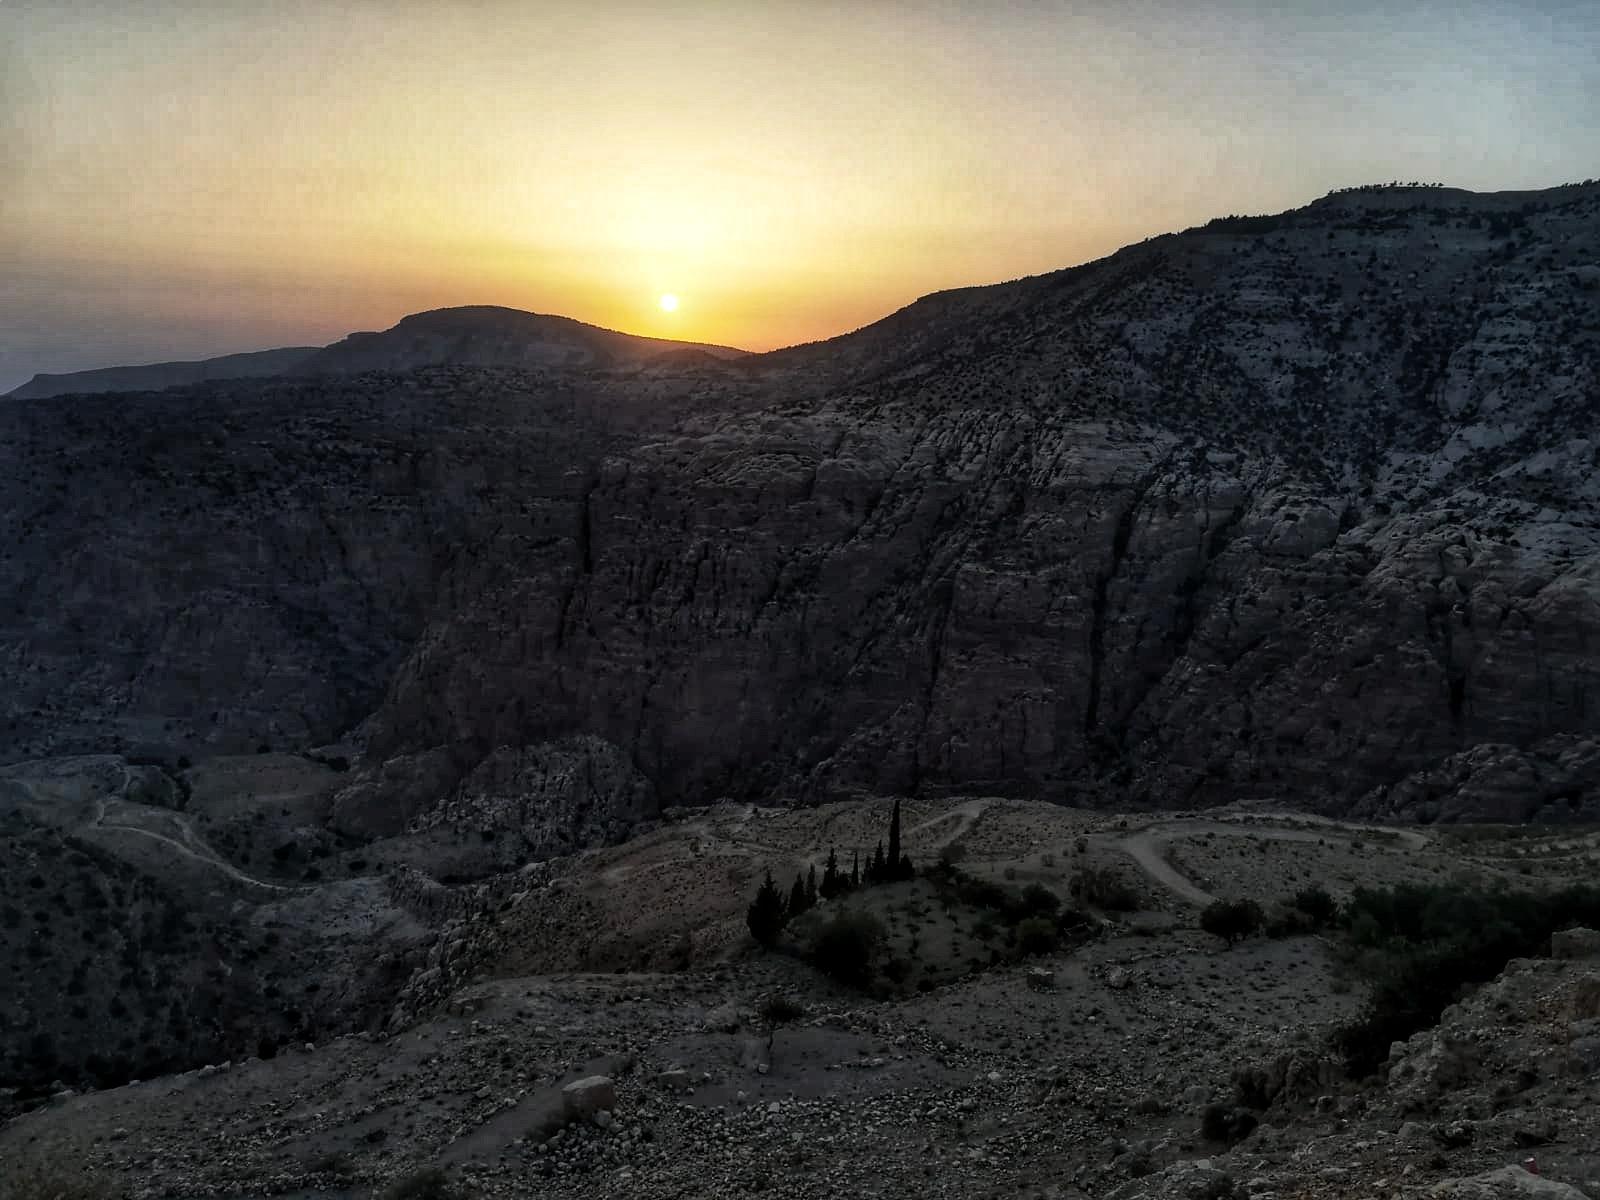 Jordanie - Coucher de soleil sur la vallée de Dana